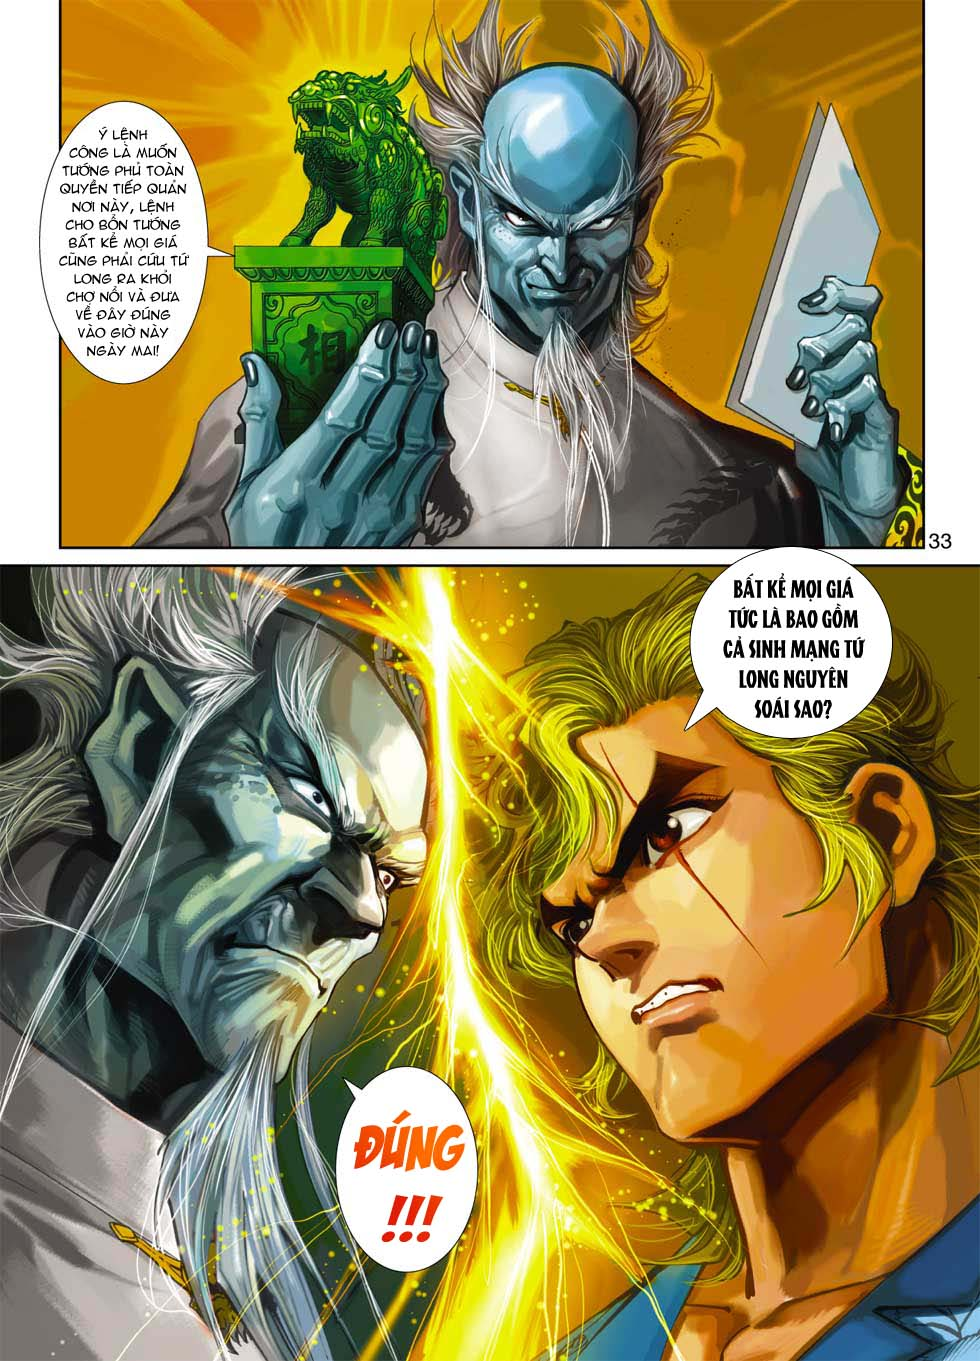 Tân Tác Long Hổ Môn trang 34